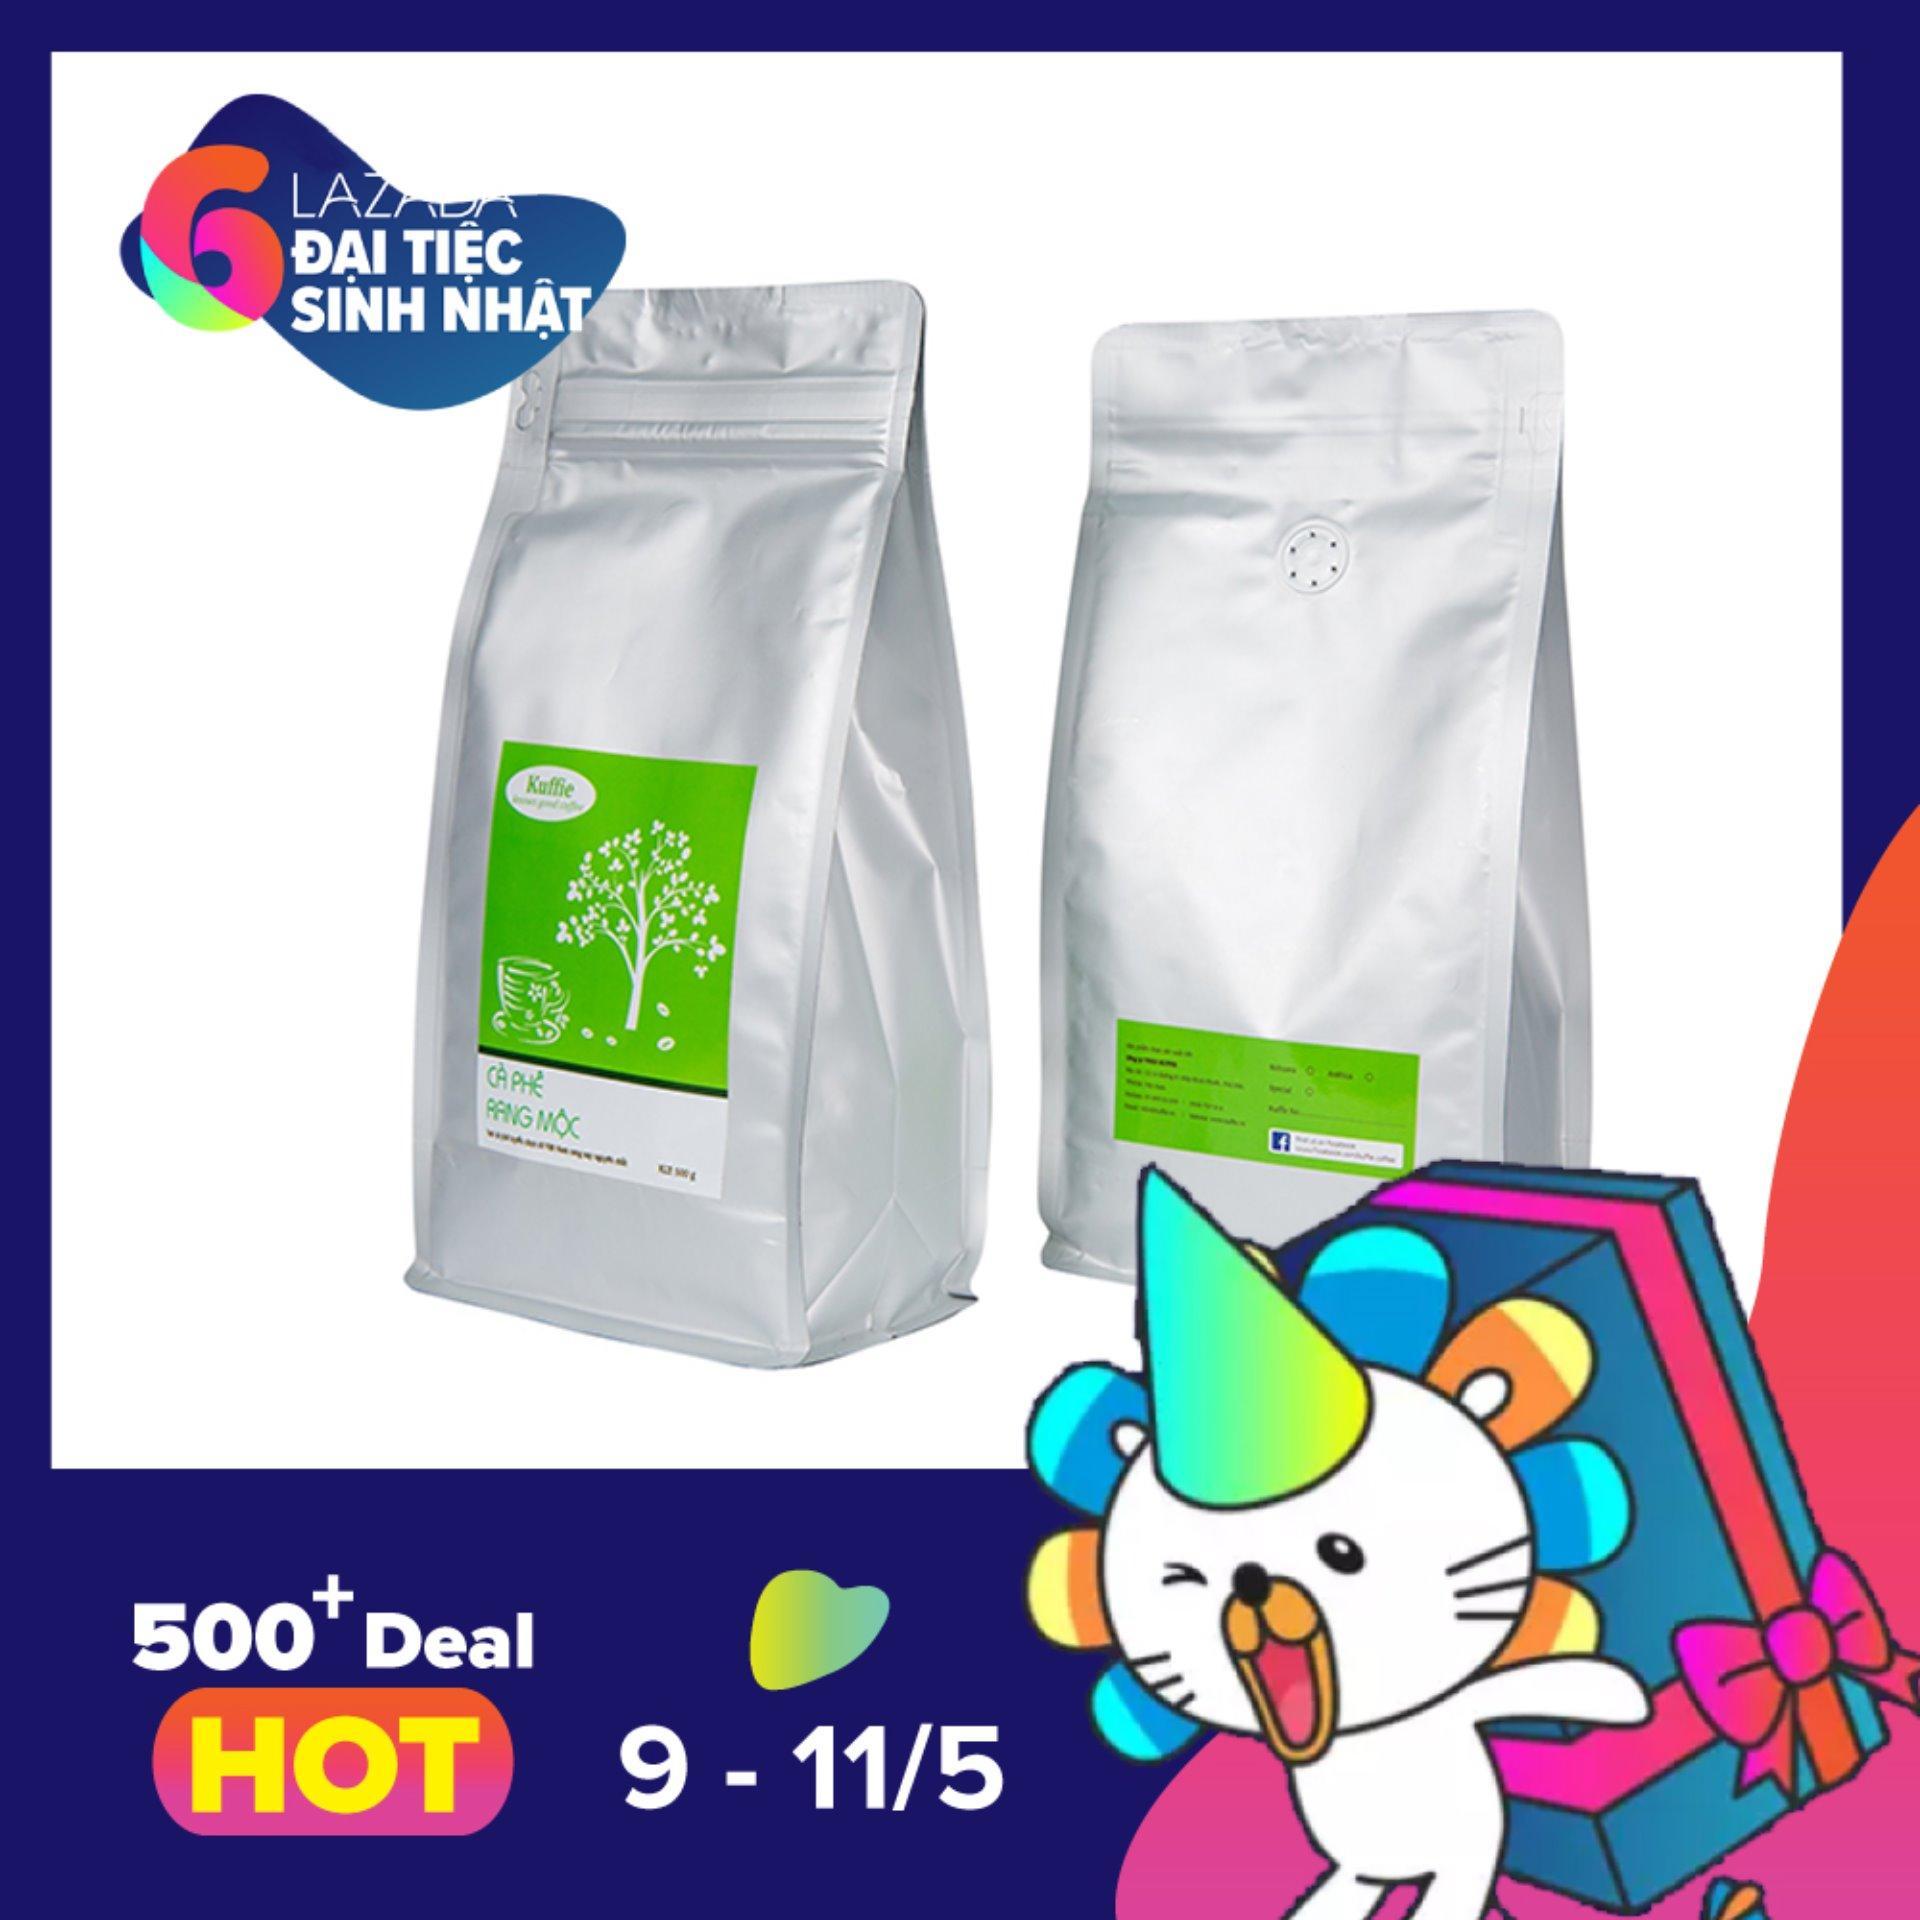 Bán Bộ 2 Goi Ca Phe Bột Kuffie Special 100 Pure Coffee Robusta Arabica X 500G Có Thương Hiệu Rẻ